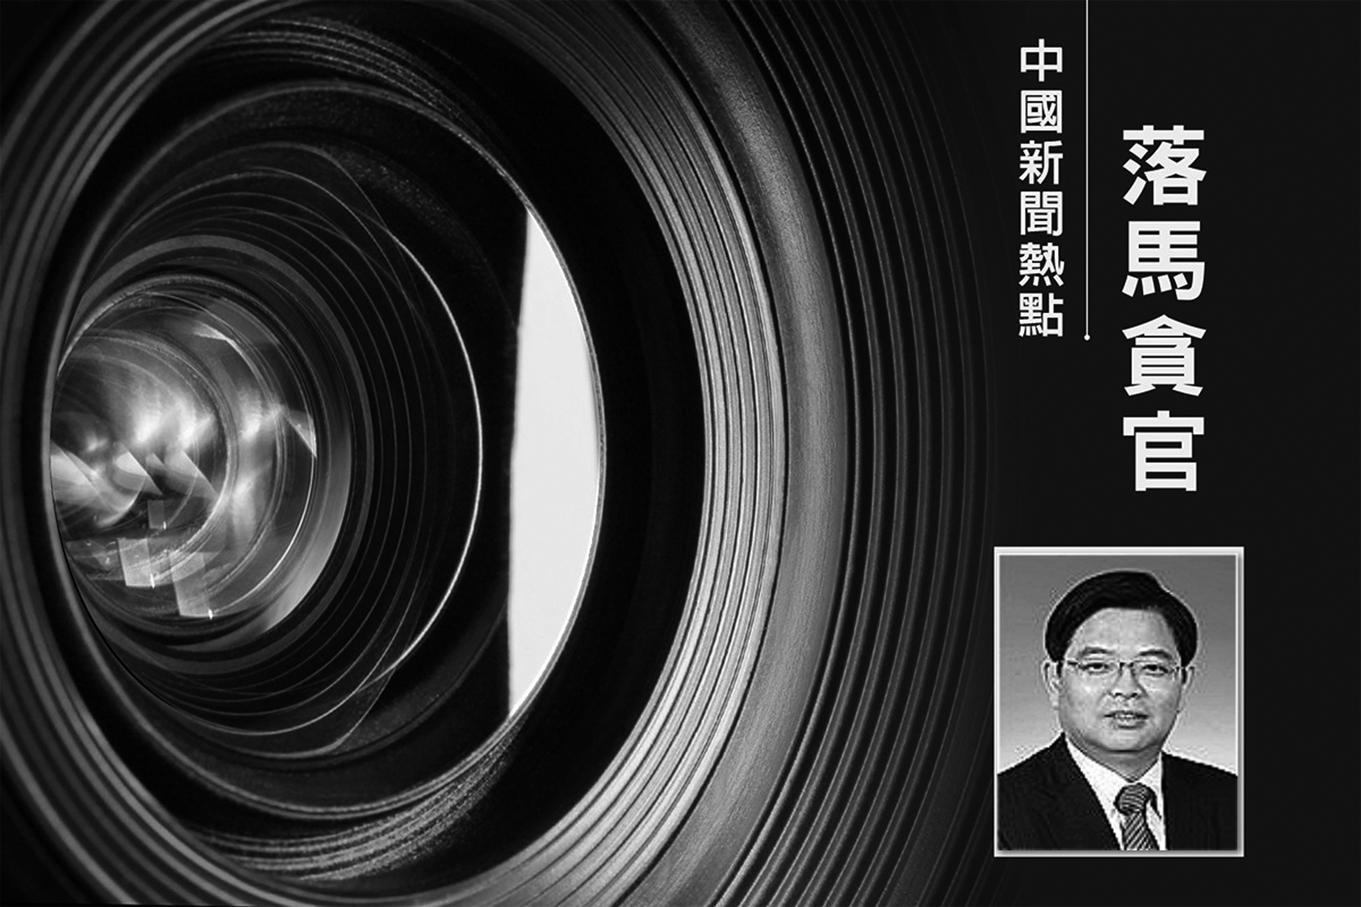 中國船舶重工集團總經理孫波被逮捕。(網絡圖片)